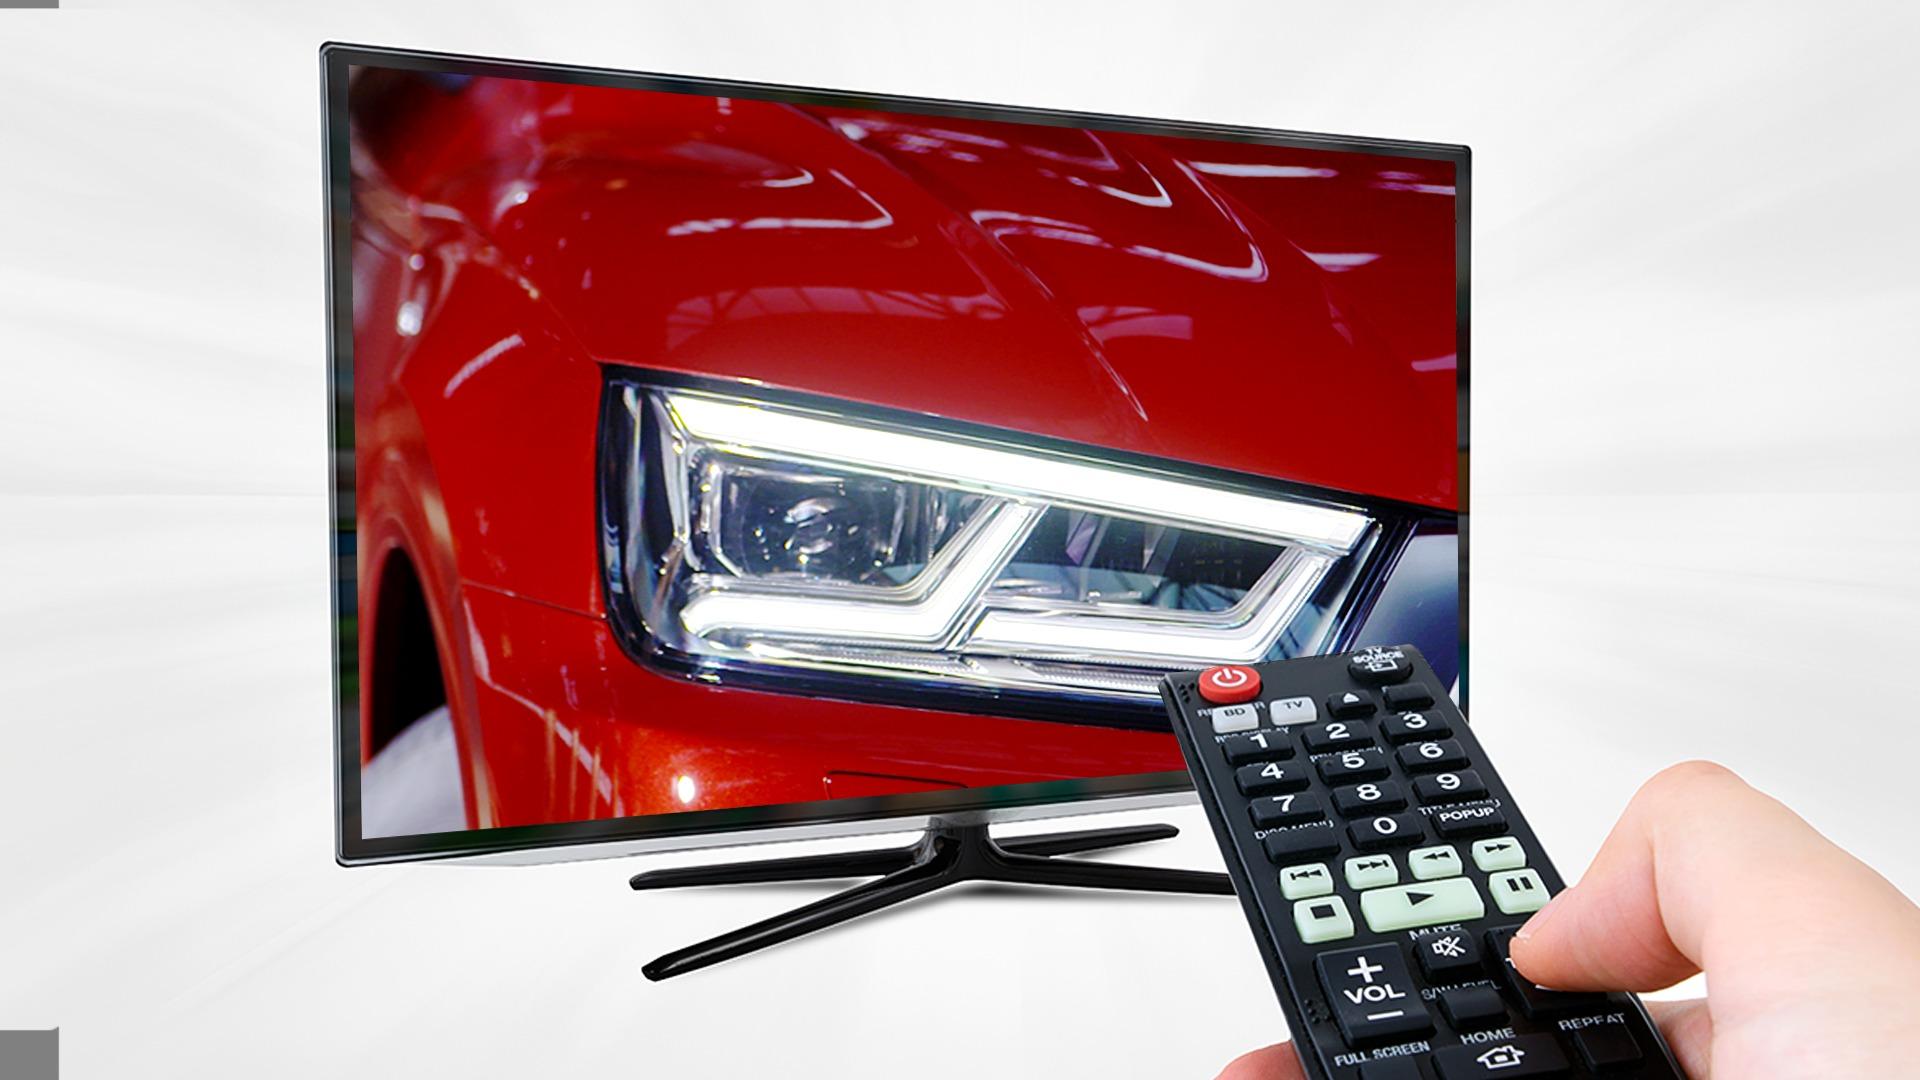 Holen Sie sich die Audi-Welt in Ihr Wohnzimmer